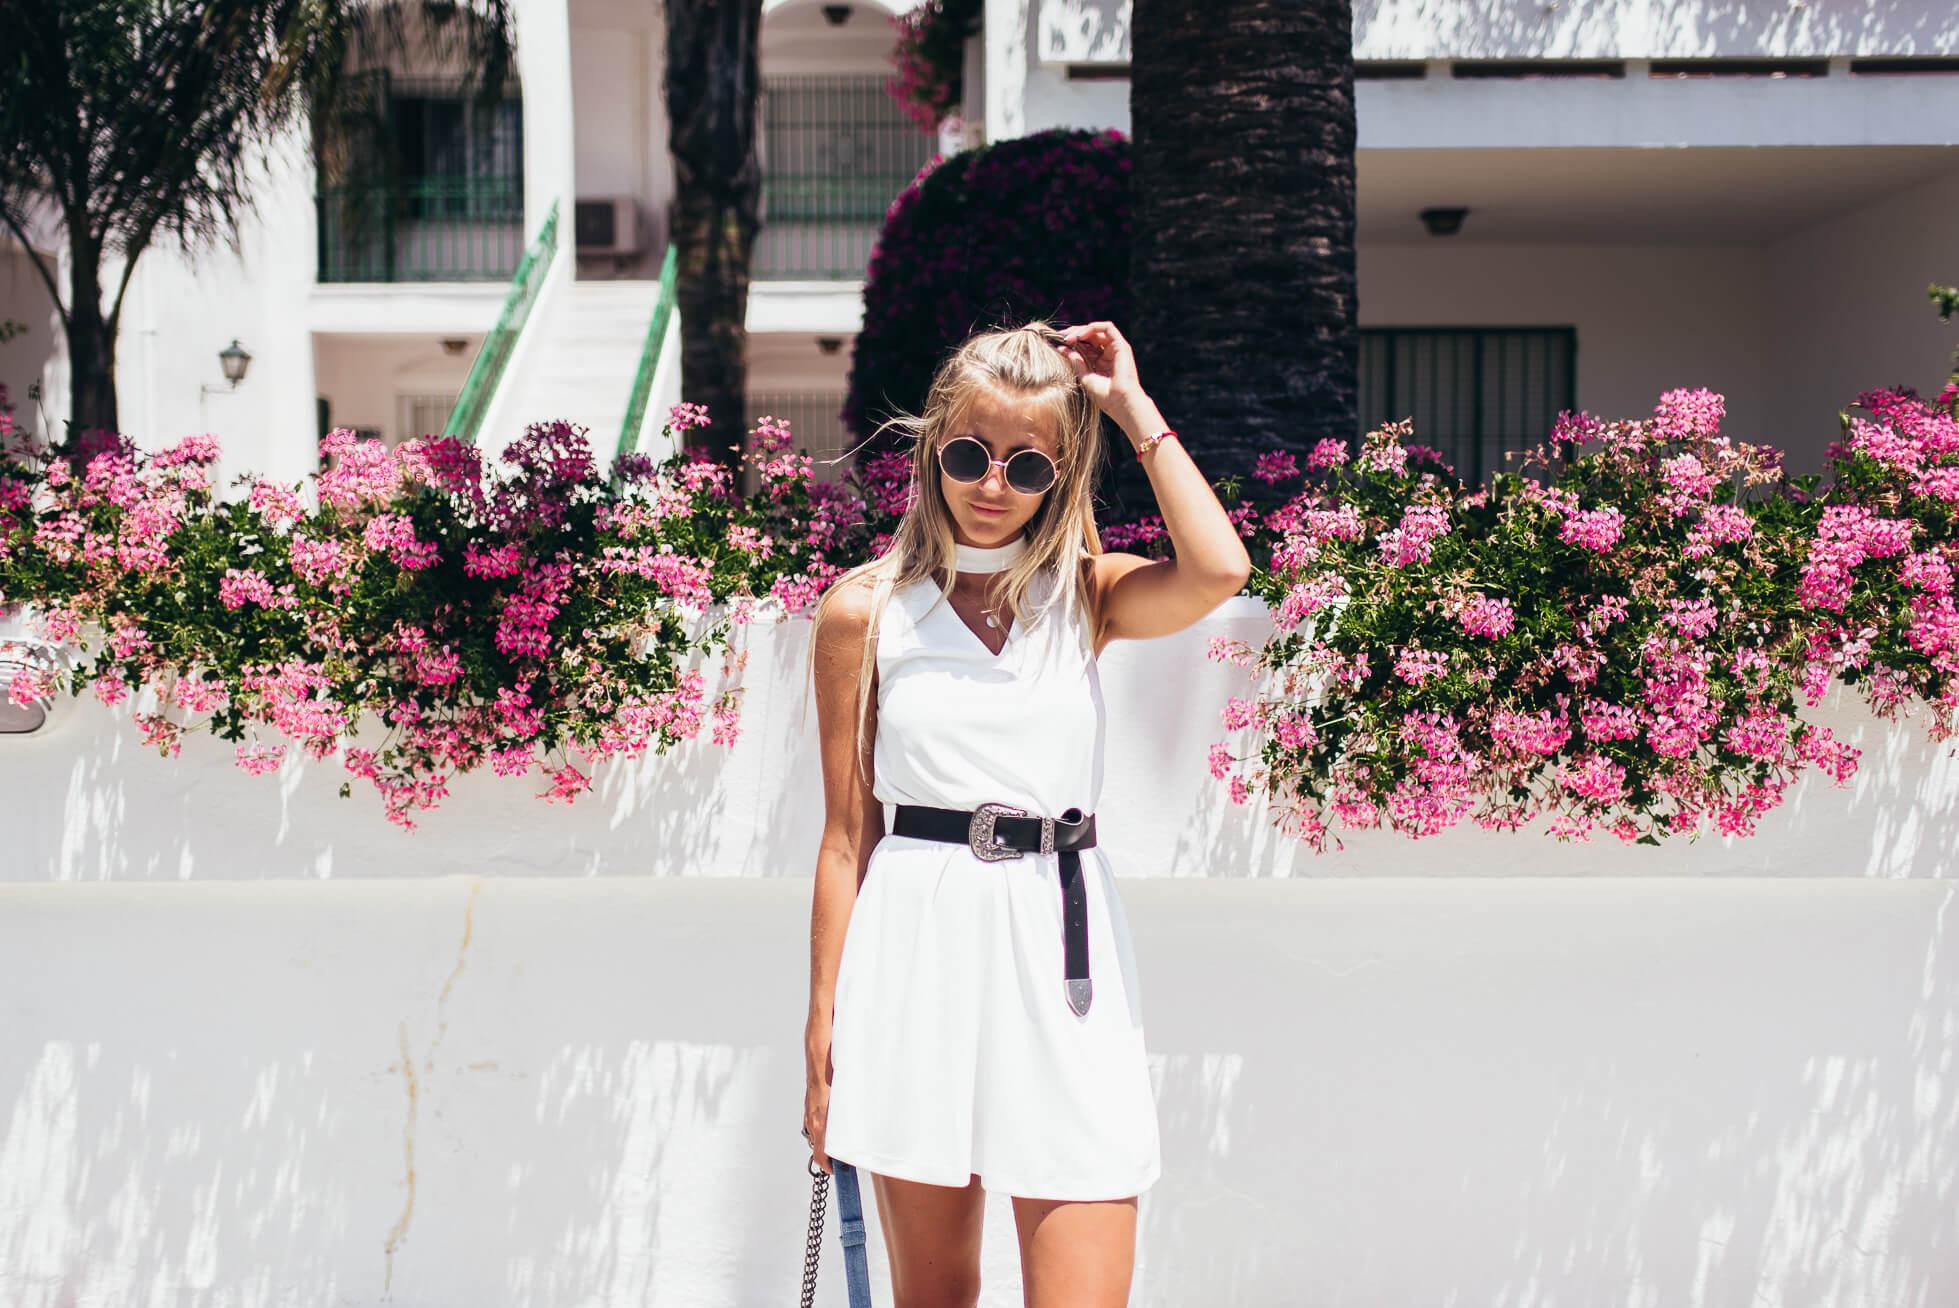 janni-deler-perfect-white-dressDSC_7775